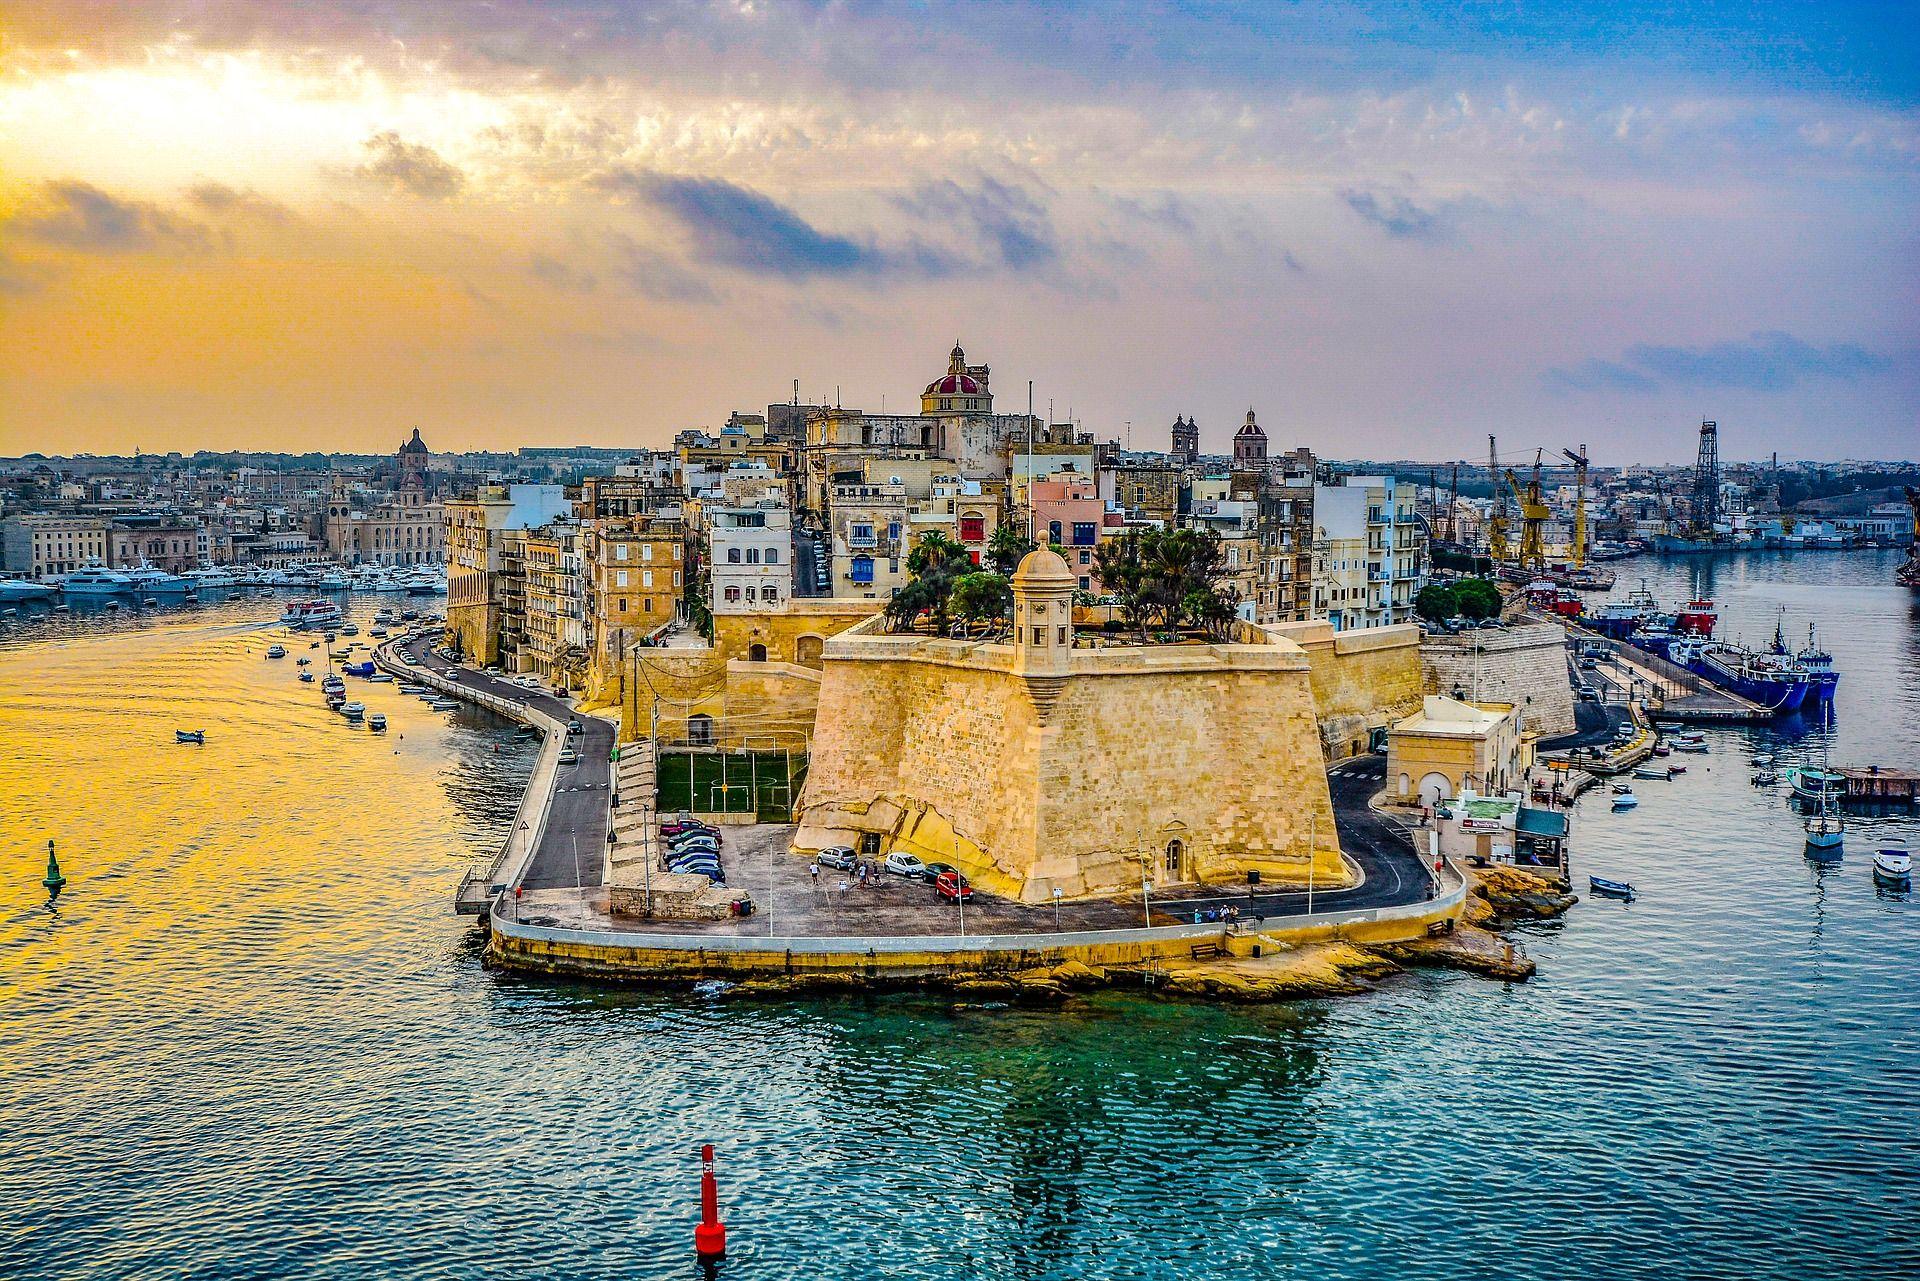 2019西地中海郵輪之旅11日特別企劃